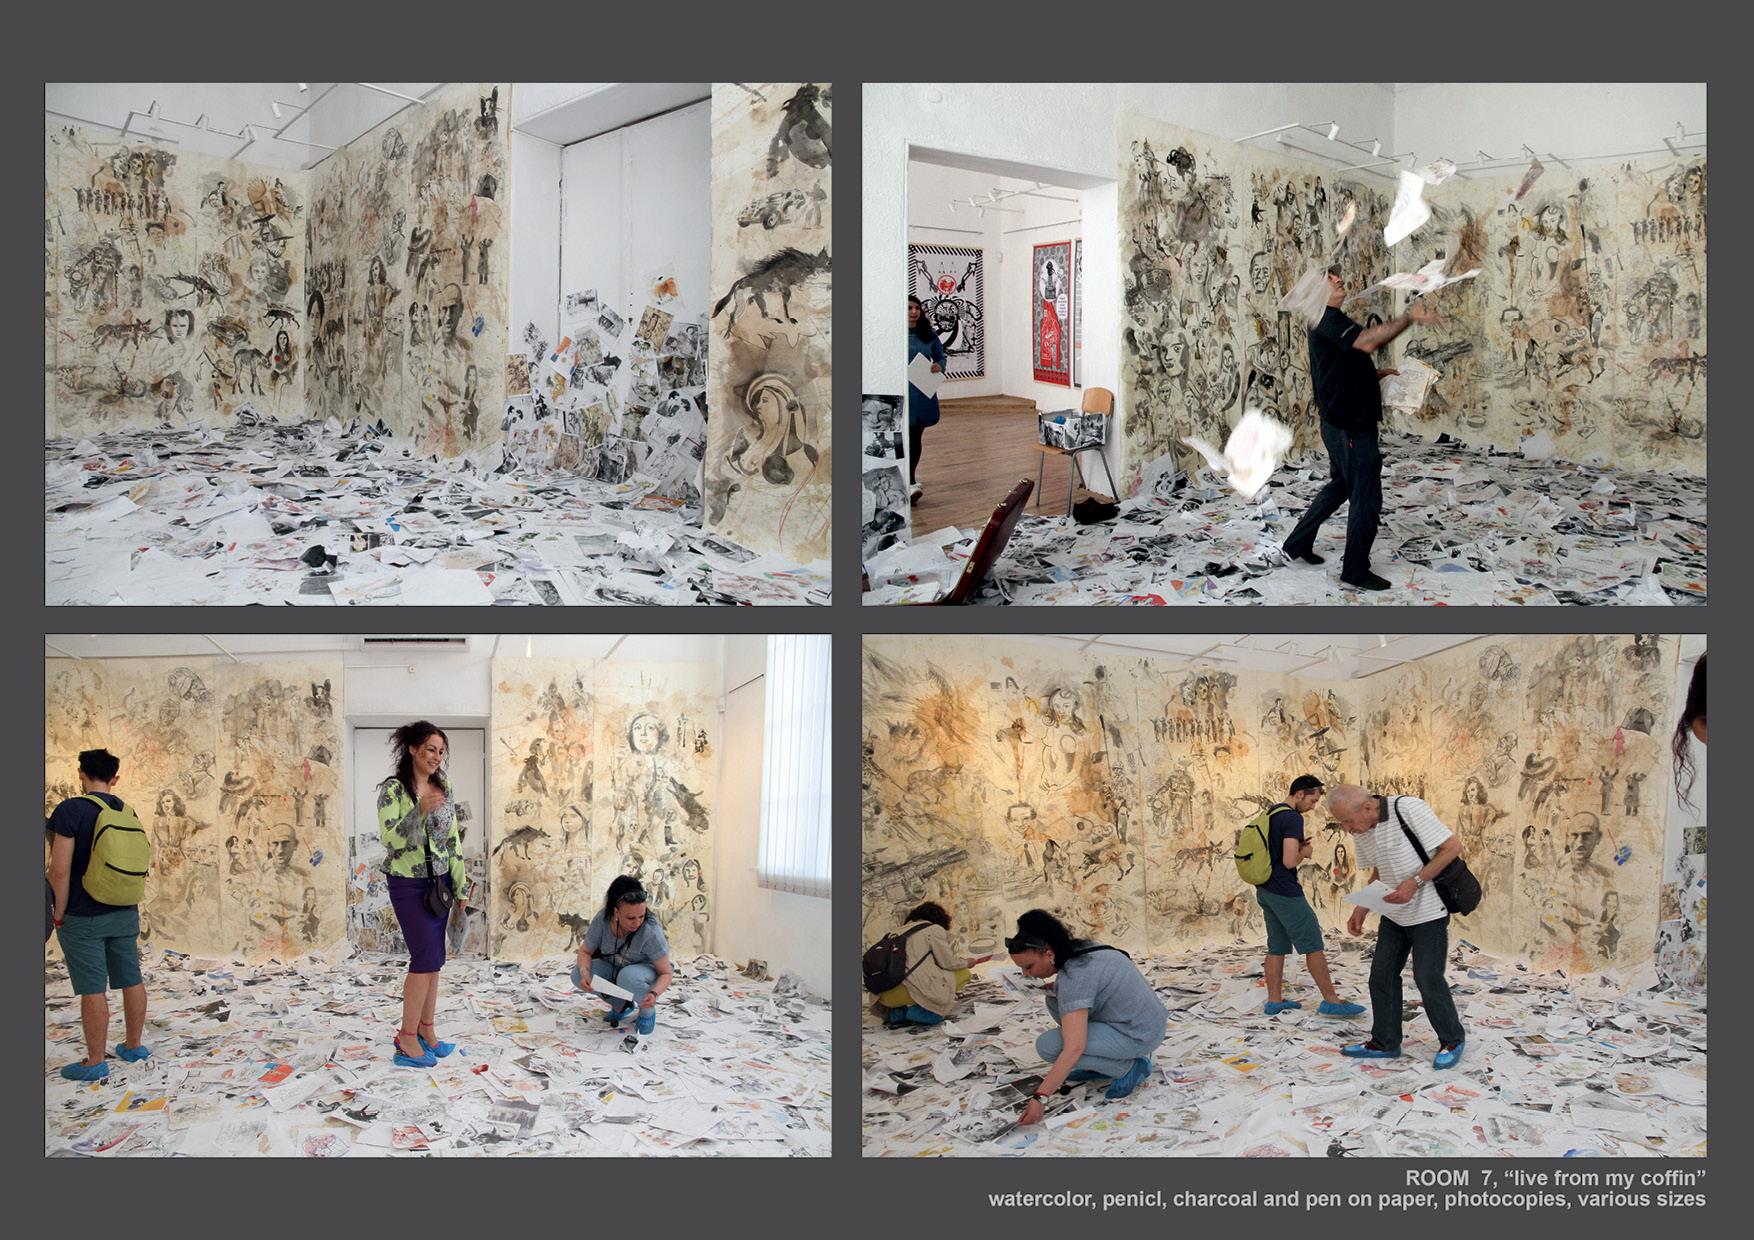 installation by guest artist Hüseyin Isik